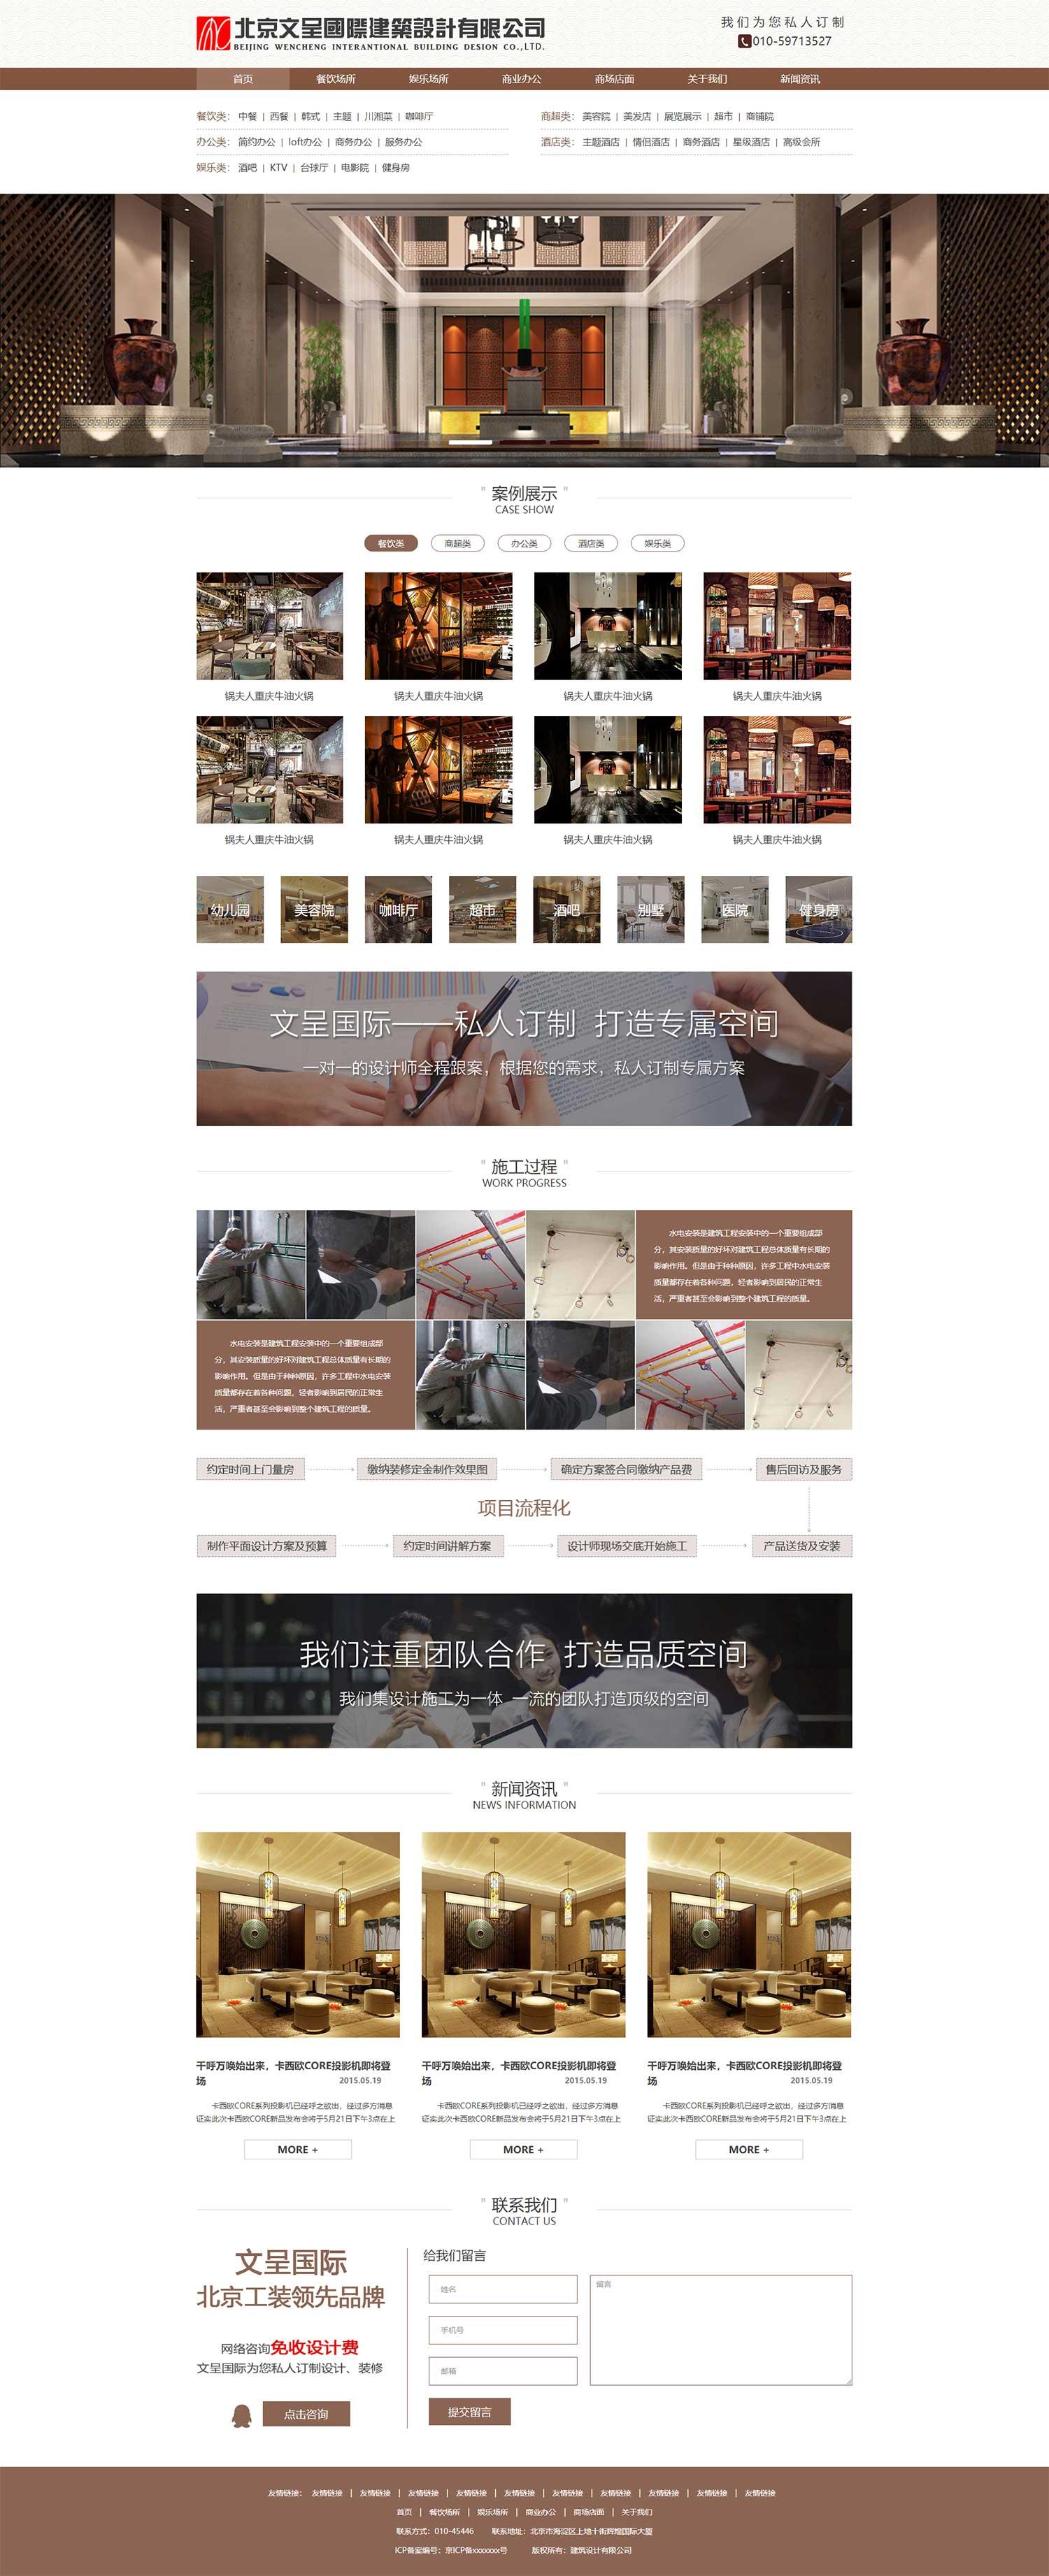 棕色建筑设计装潢装饰公司网页模板